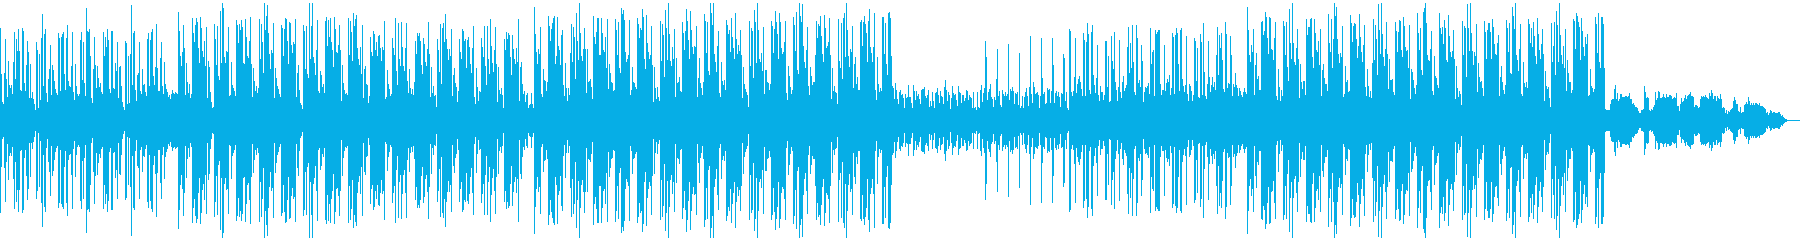 笛 疾走感 コミカル 夏 ヒップホップの再生済みの波形